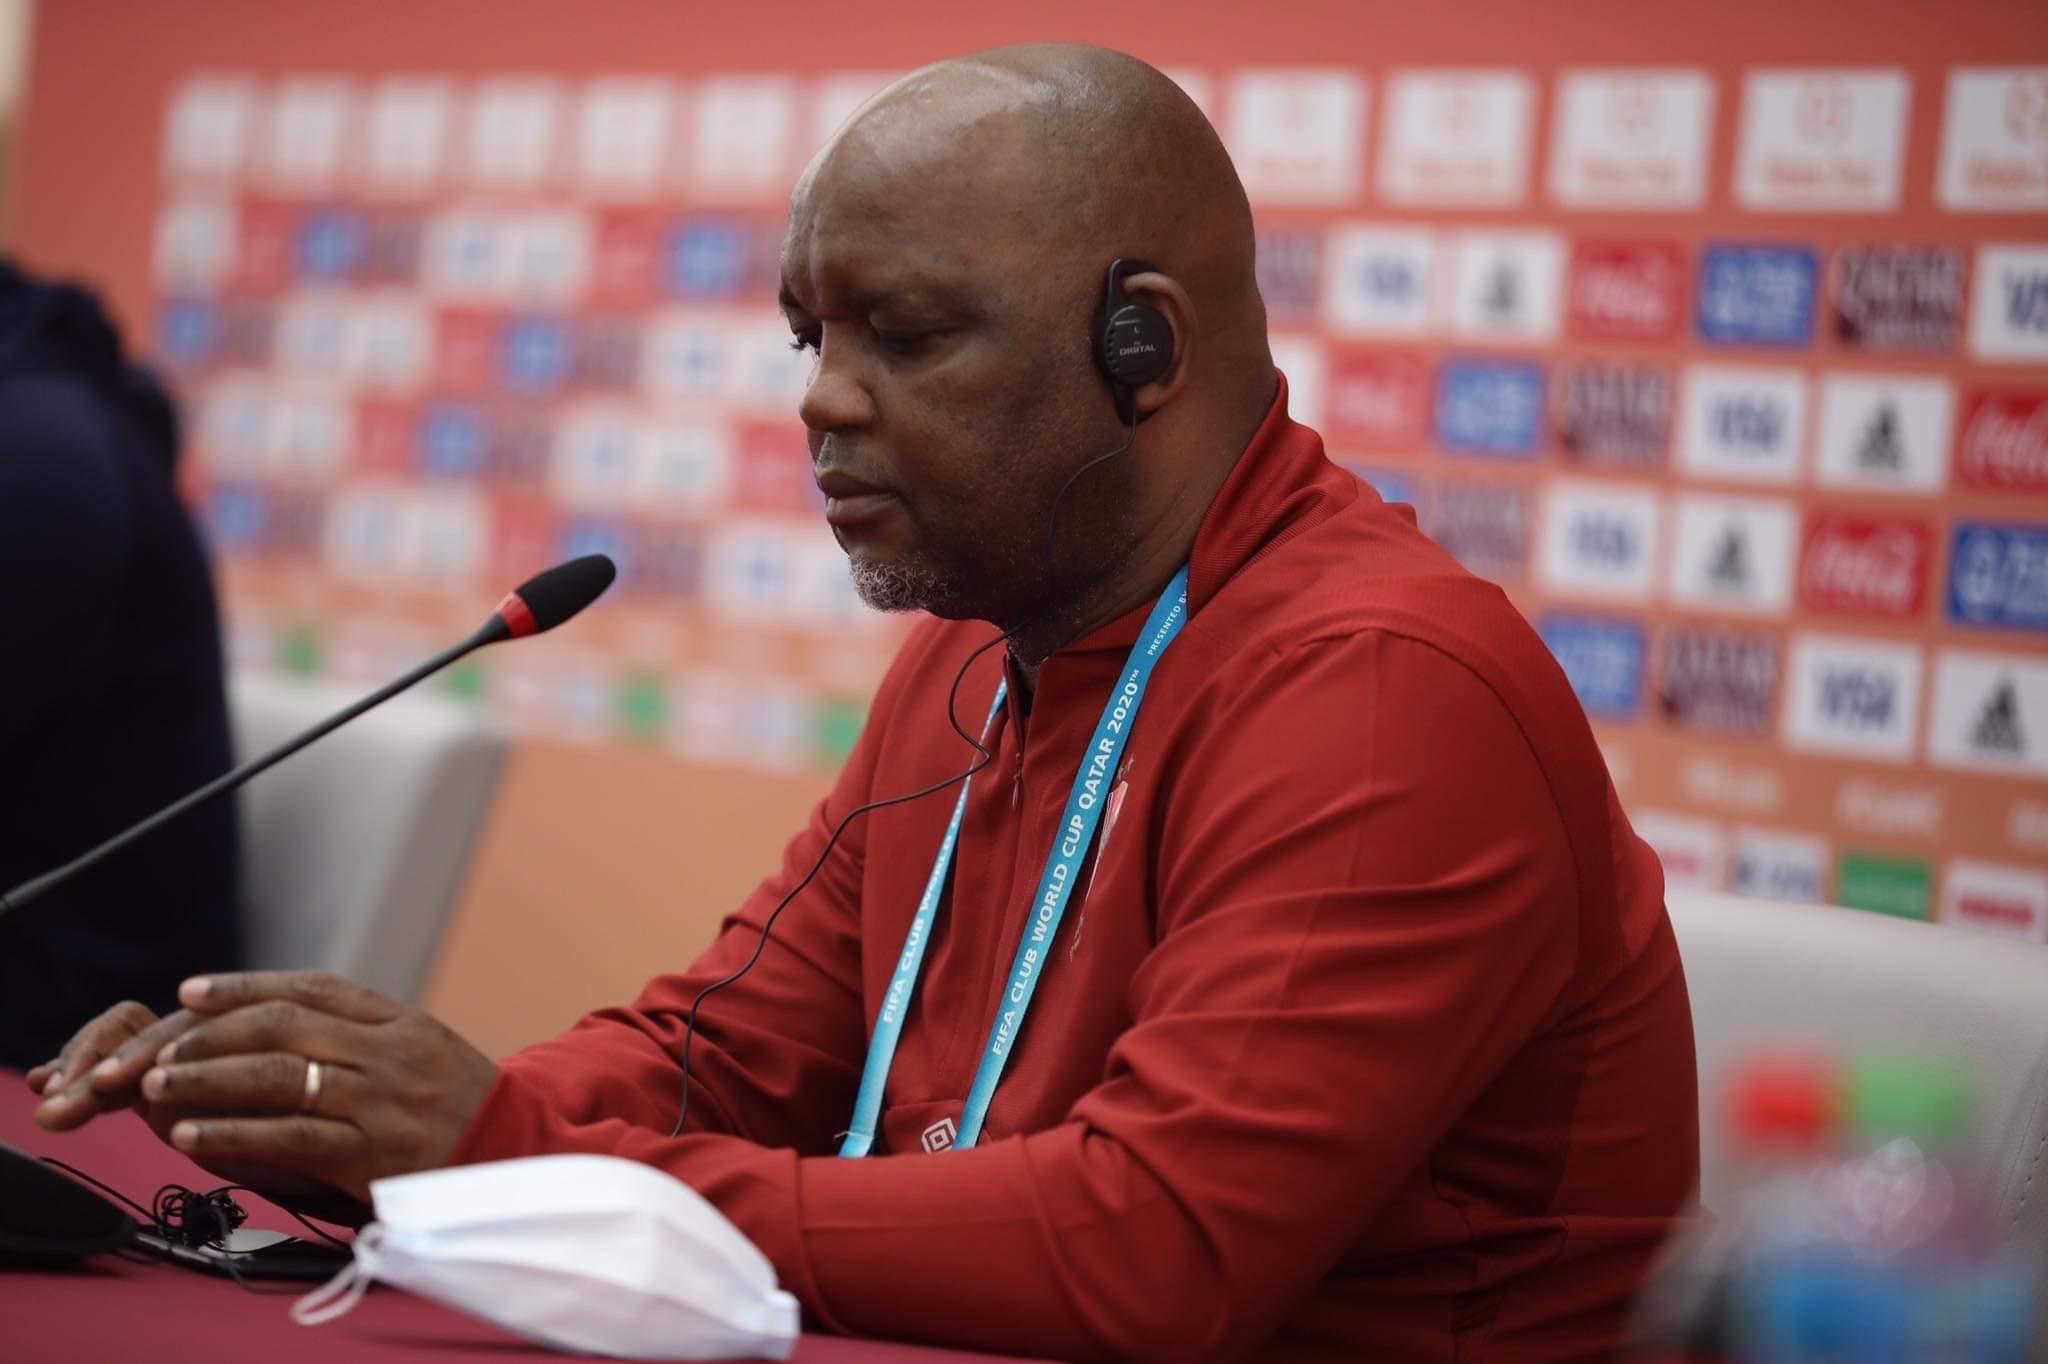 موسيماني: الأهلي سيقاتل من أجل العودة إلى كأس العالم للأندية الموسم المقبل